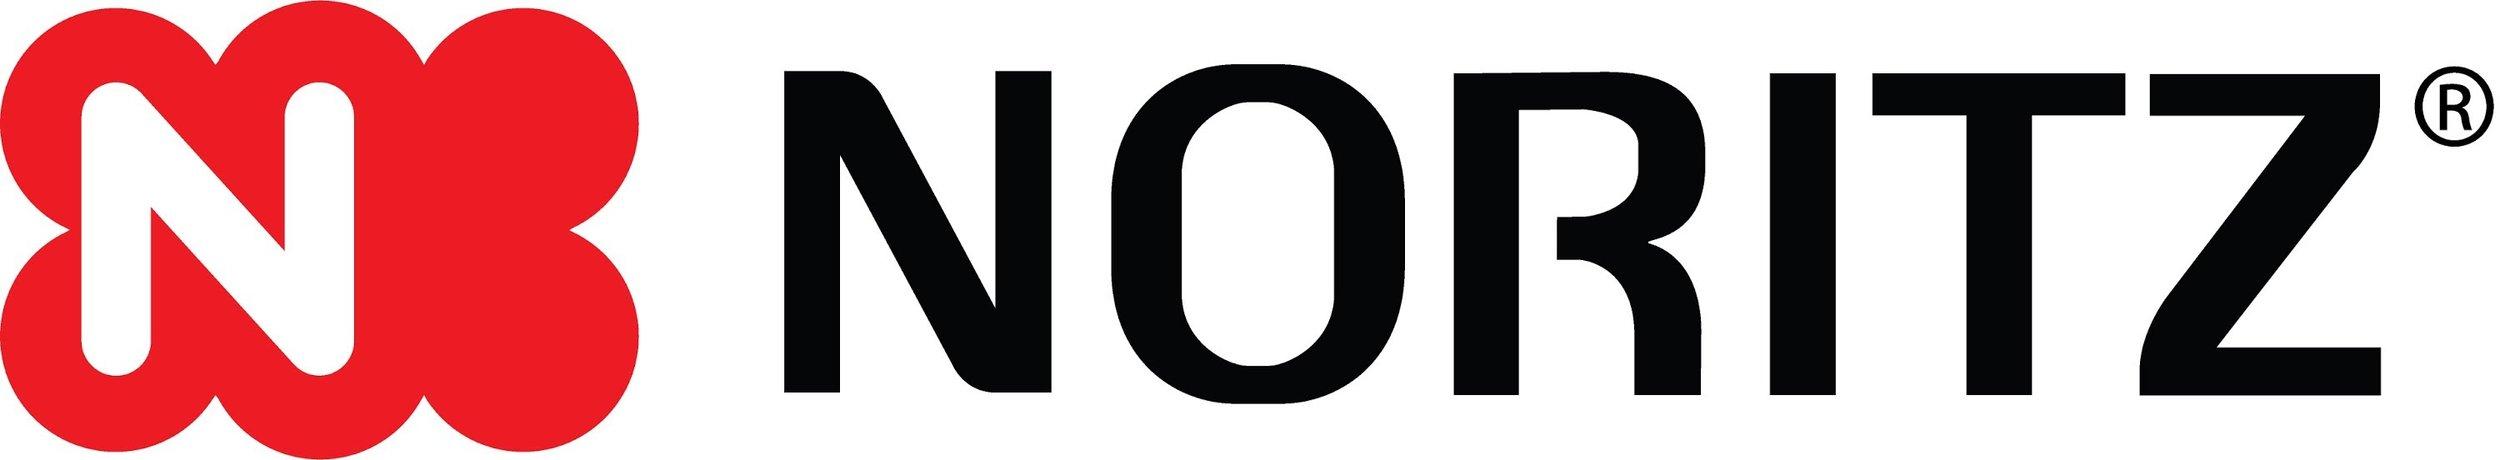 noritz logo.jpg